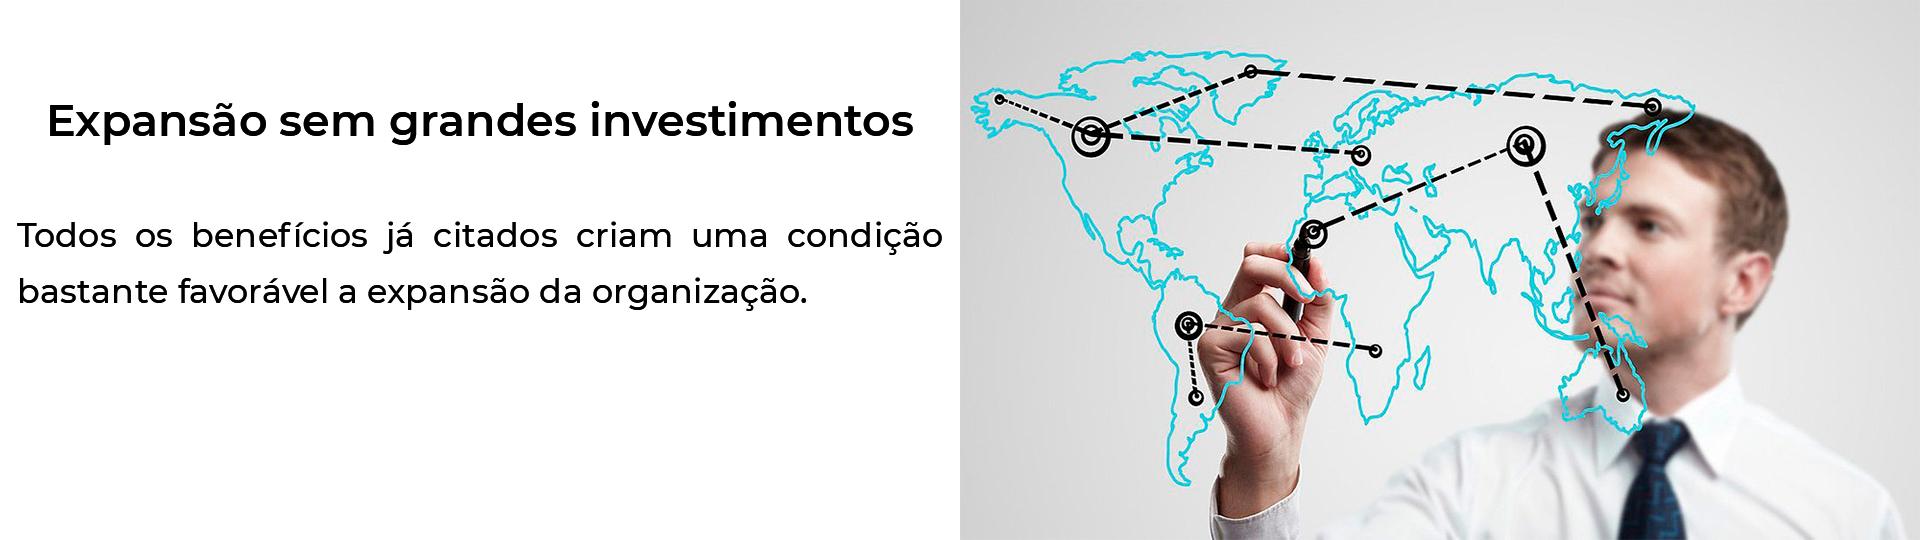 Site_Expansão_1920x540